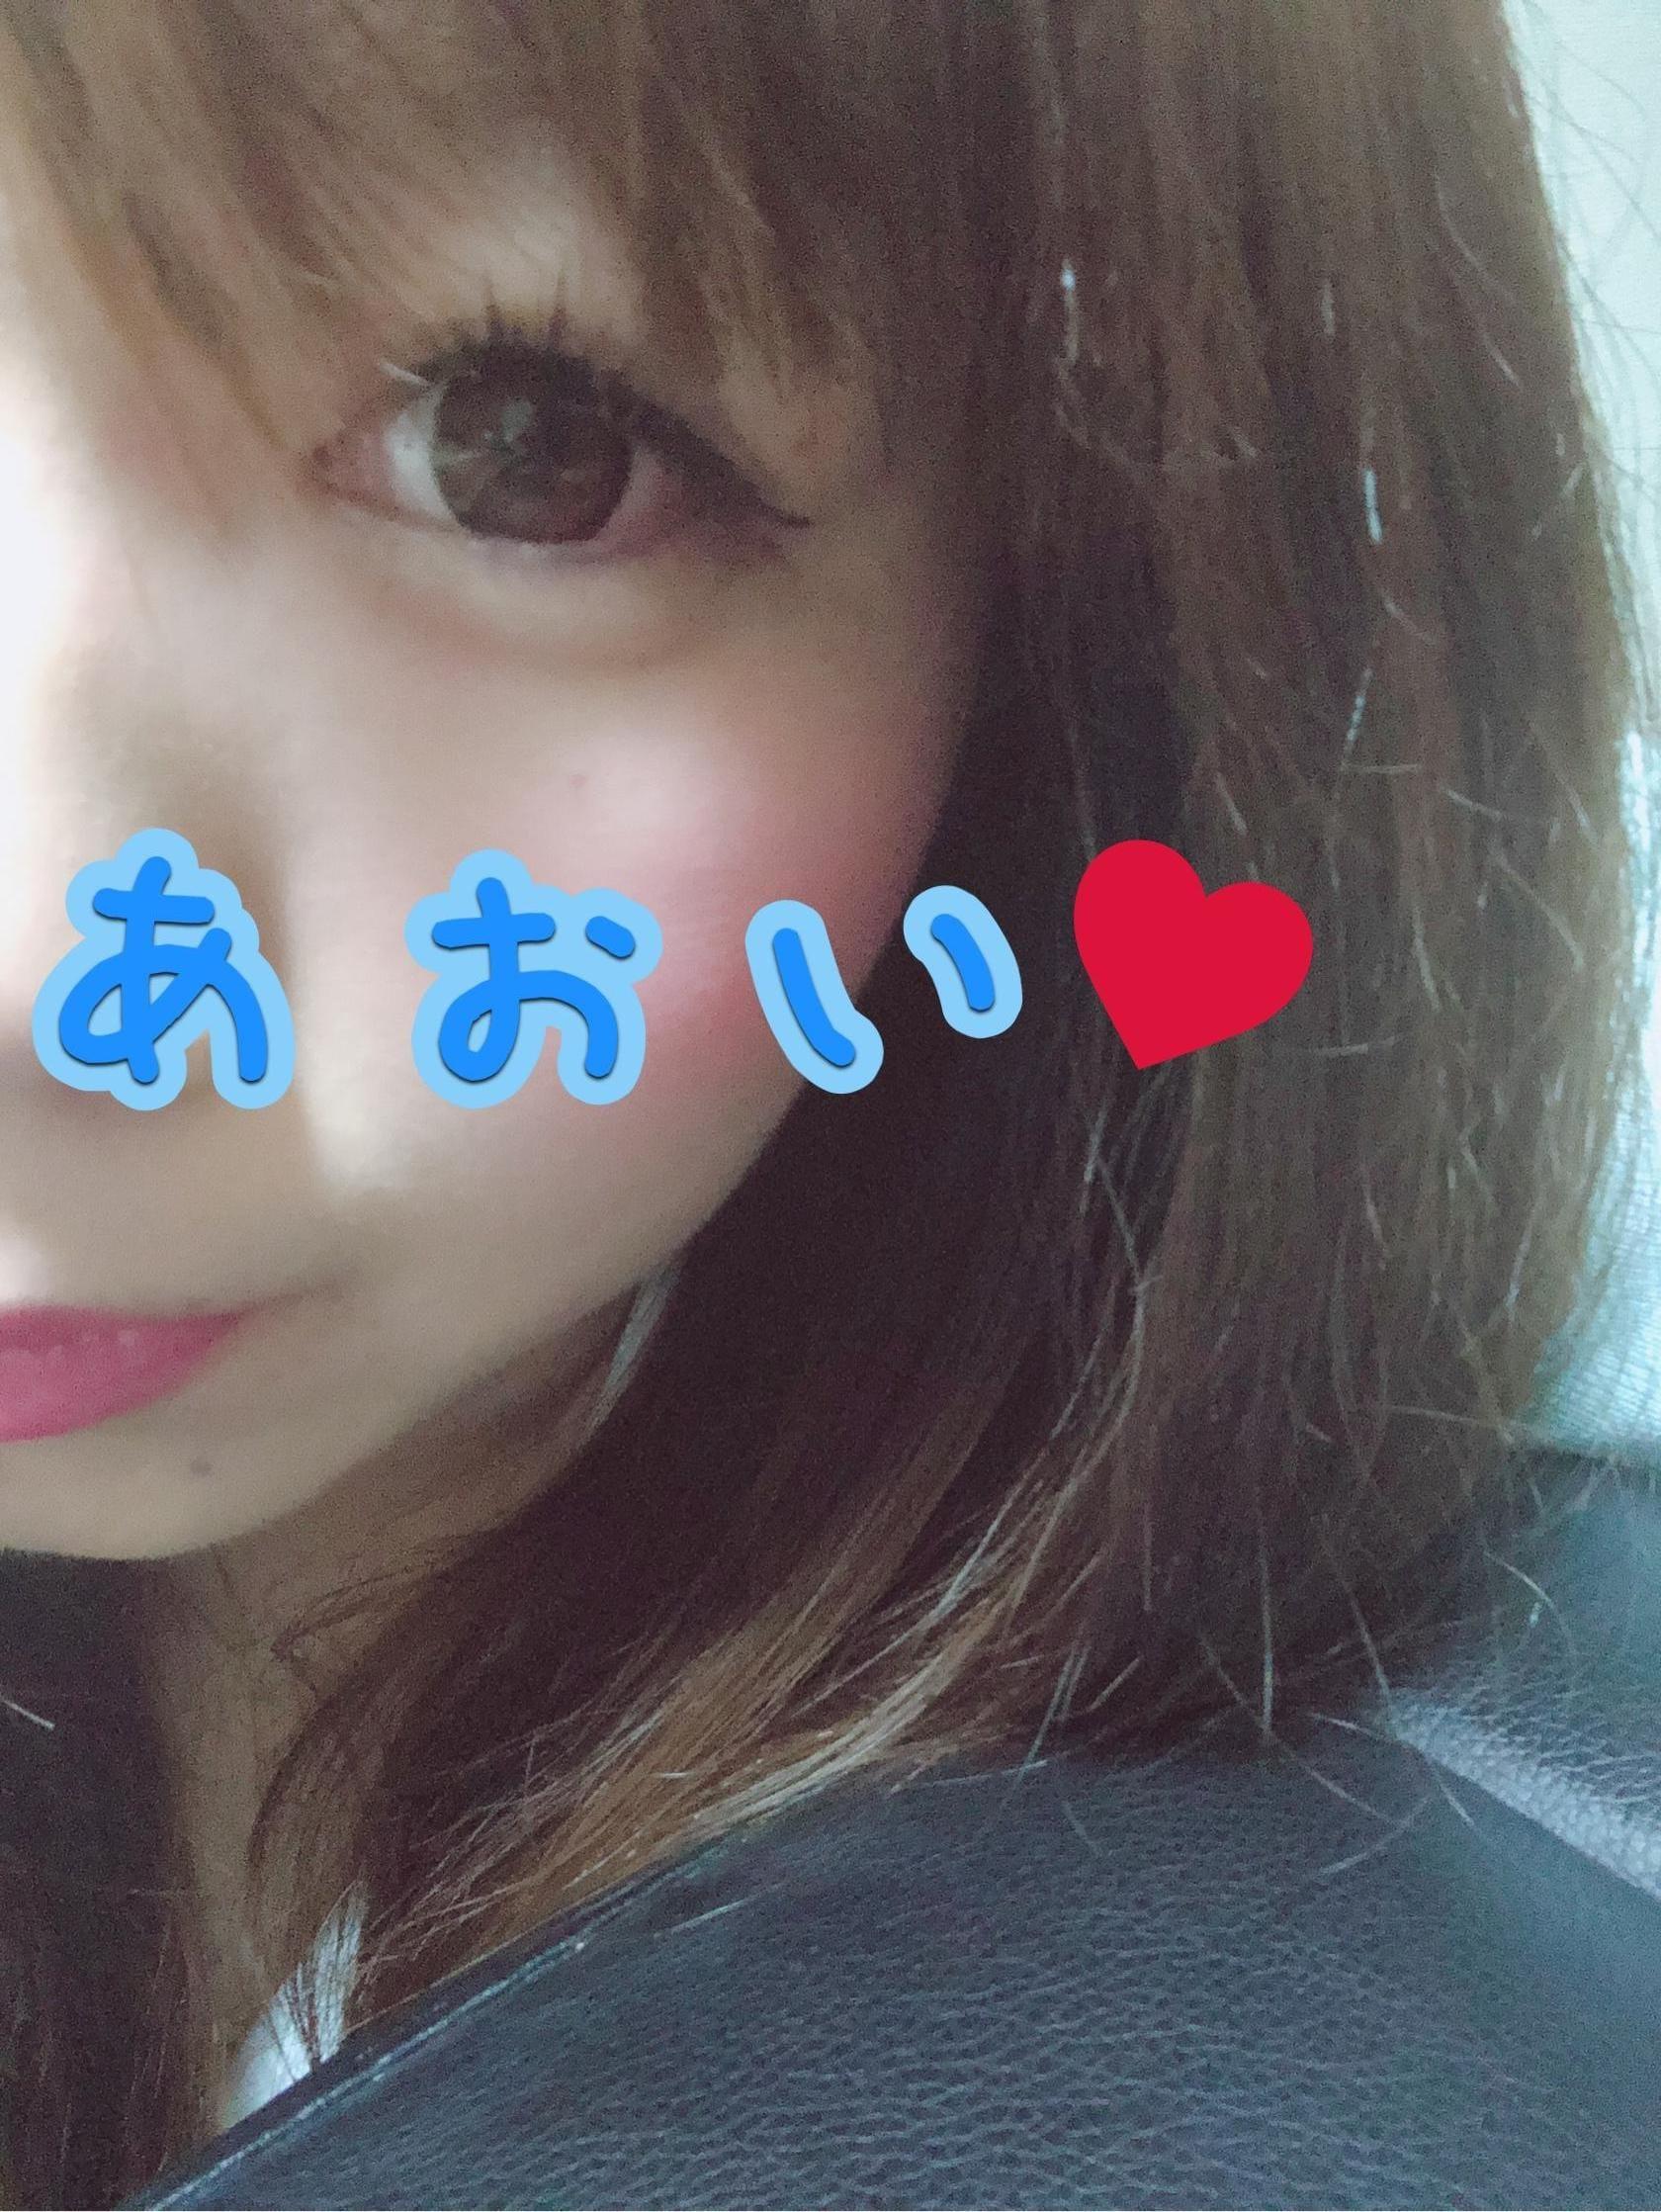 「ありがとう★」04/03(火) 22:44 | あおいの写メ・風俗動画